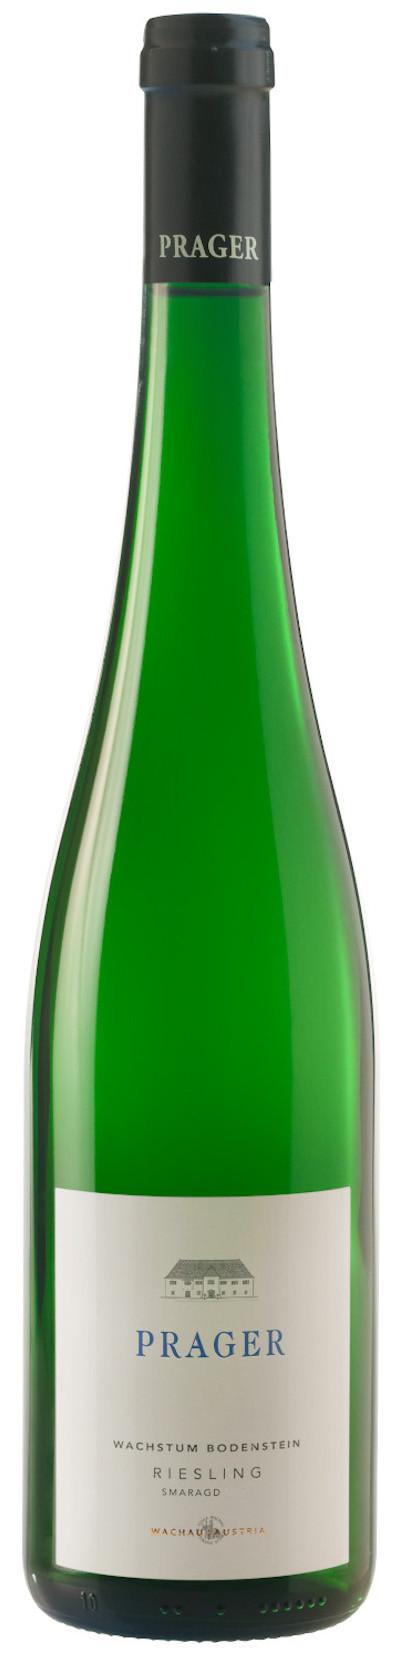 Prager - Riesling Smaragd Wachstum Bodenstein